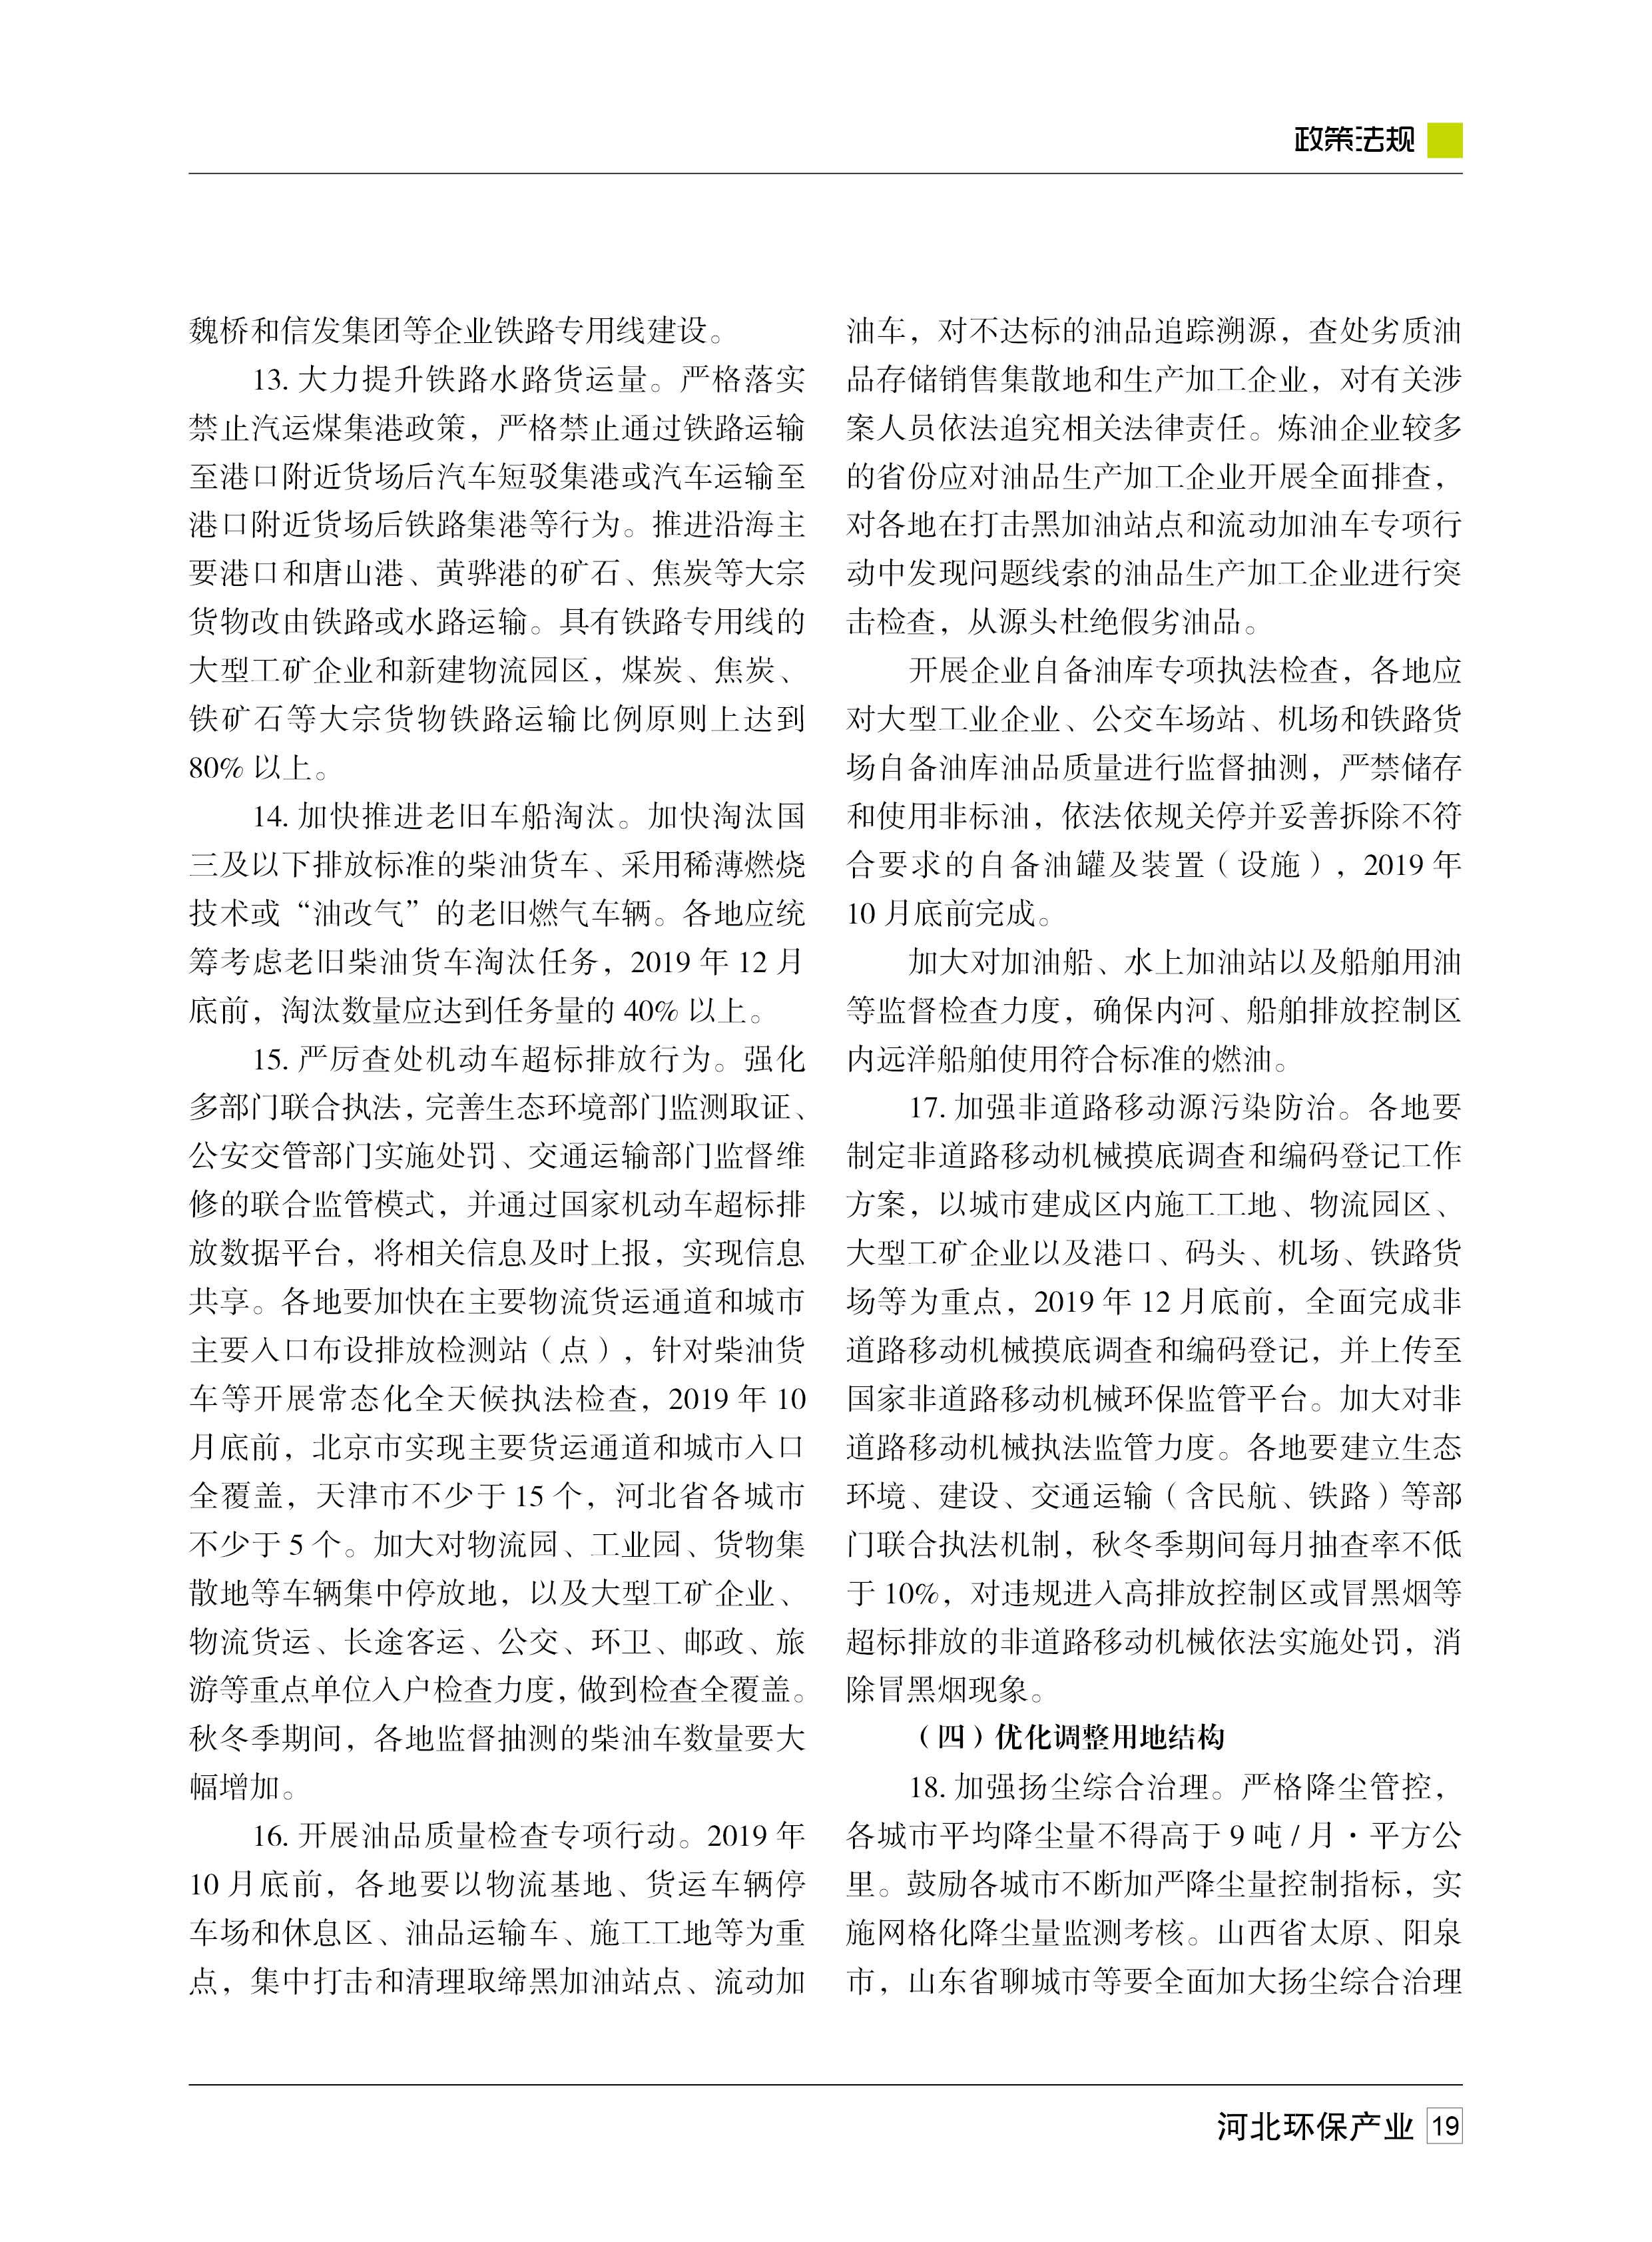 环保杂志4期-定稿19.jpg